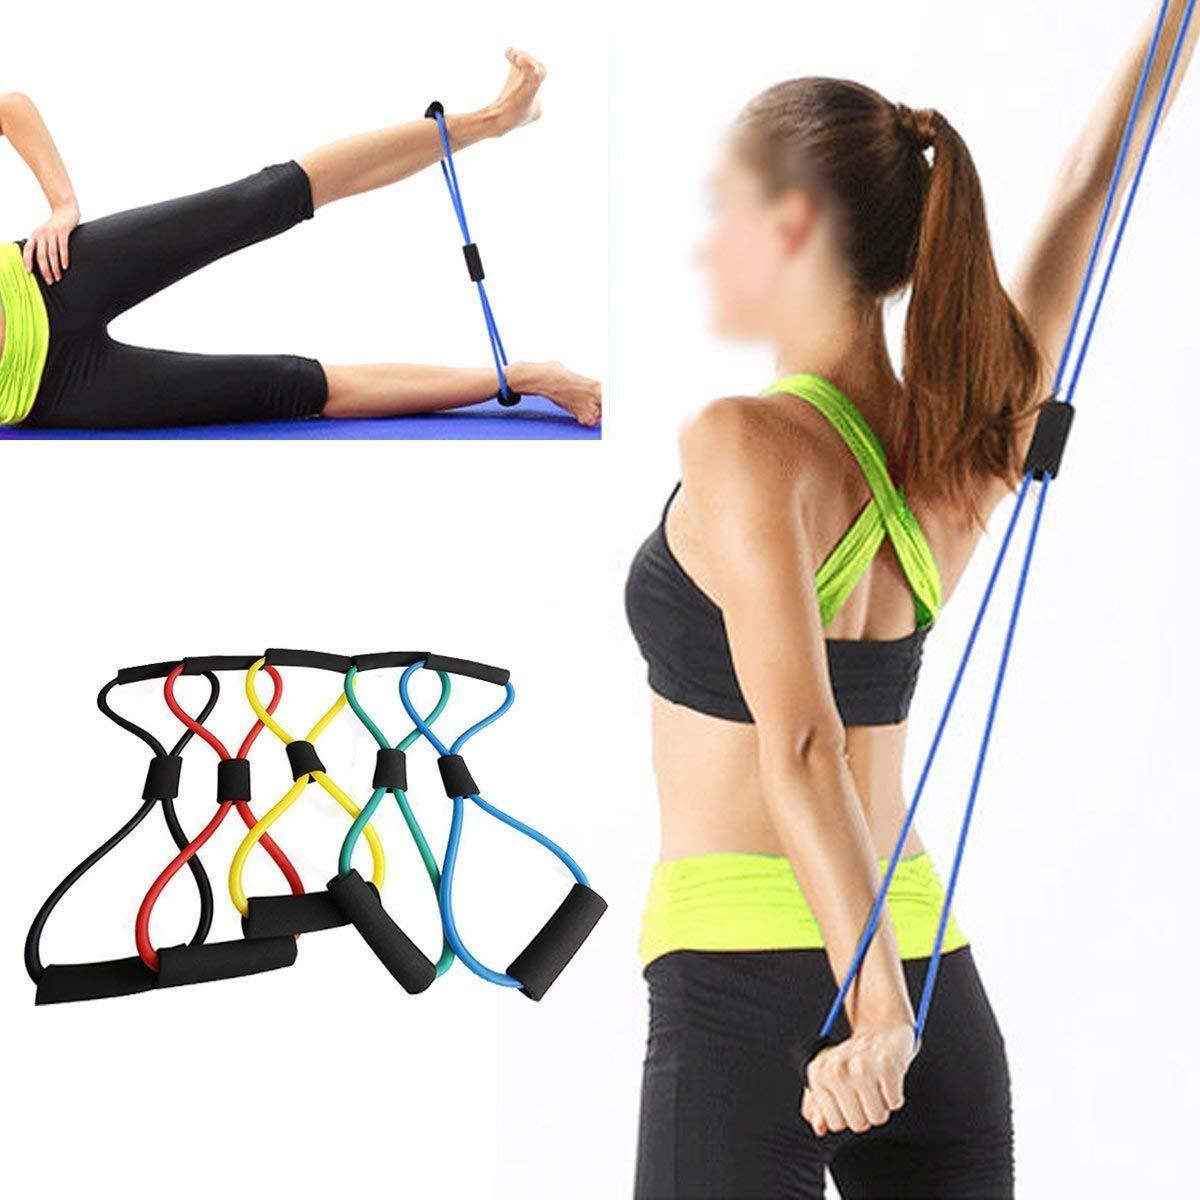 Резинка для фитнеса – альтернатива силовому оборудованию для тренировок женщинам дома